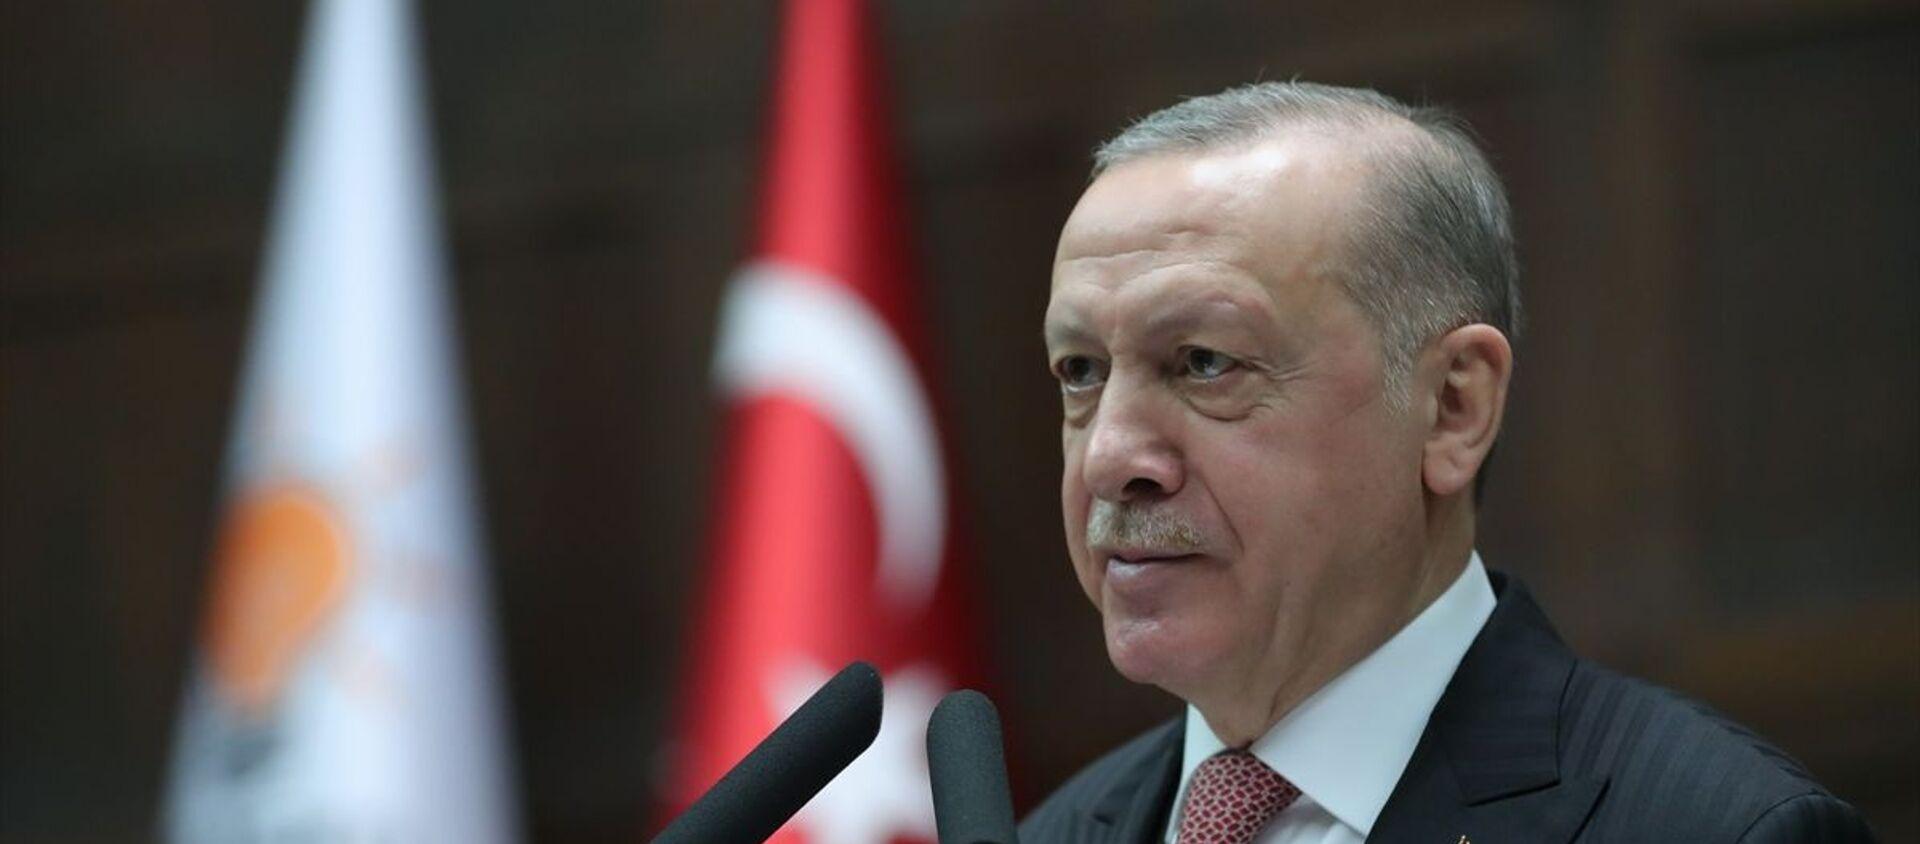 Recep Tayyip Erdoğan - Sputnik Türkiye, 1920, 22.04.2021